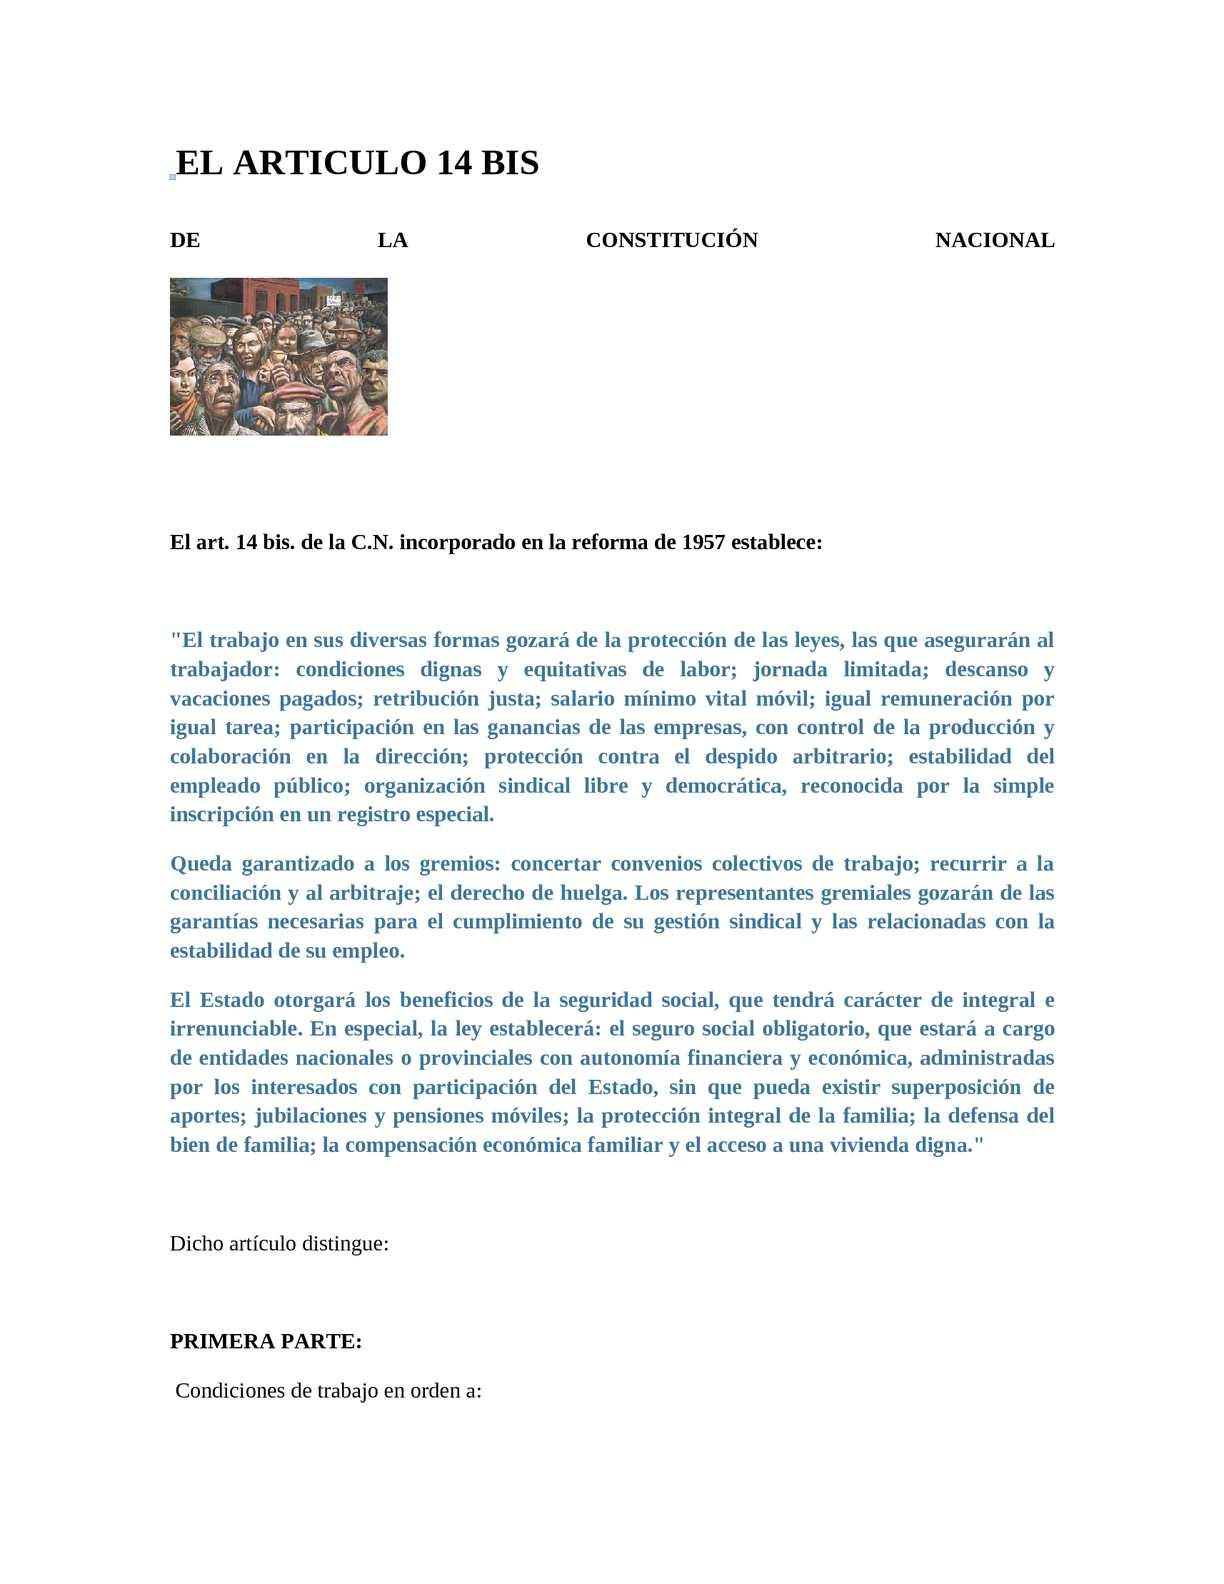 Calaméo - Art. 14 Bis Constitución Nacional